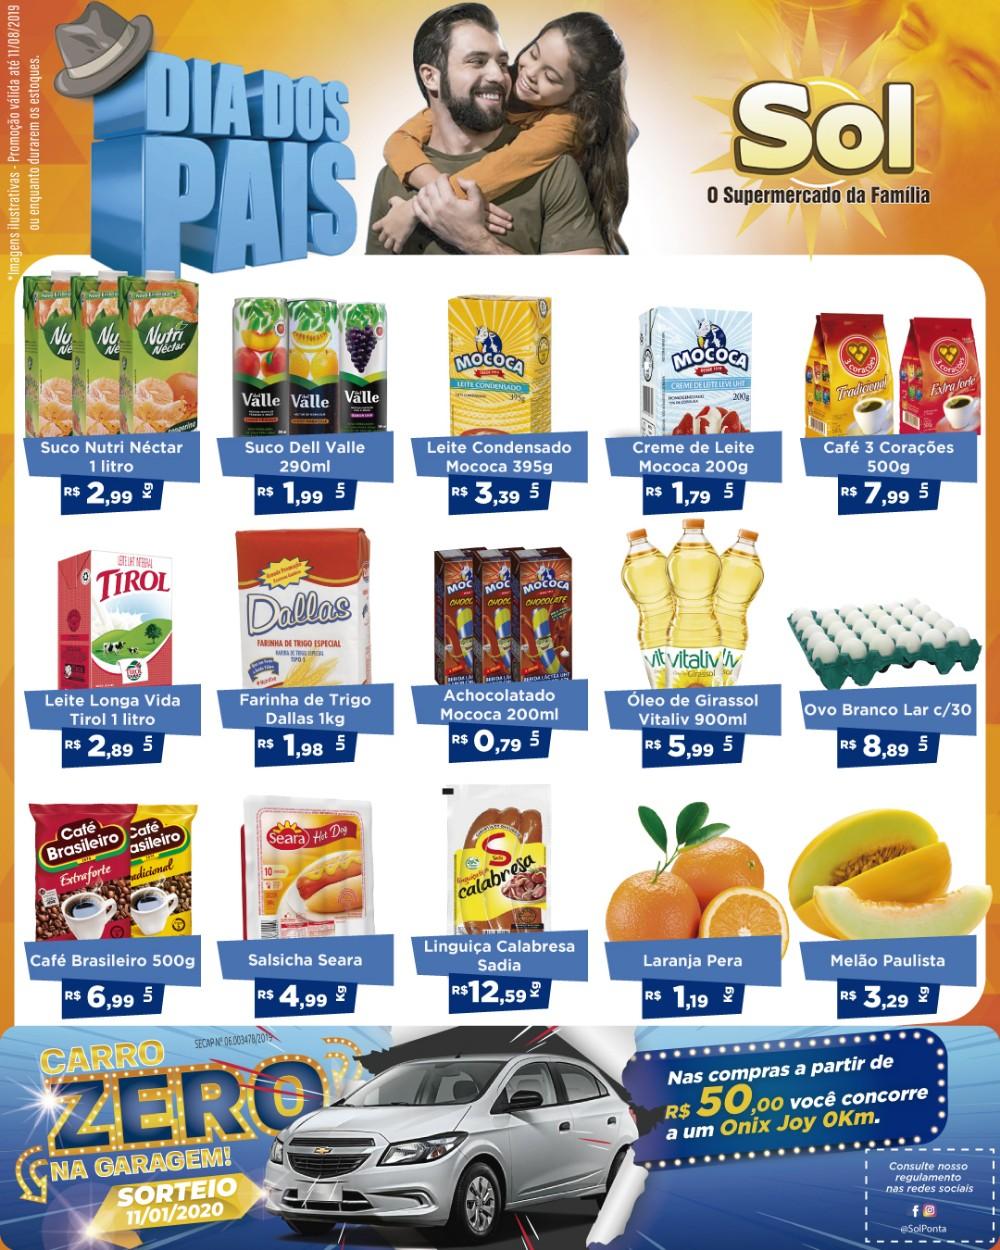 Aproveitem as ofertas do Dia dos Pais no Supermercado Sol e concorra a um carro 0Km